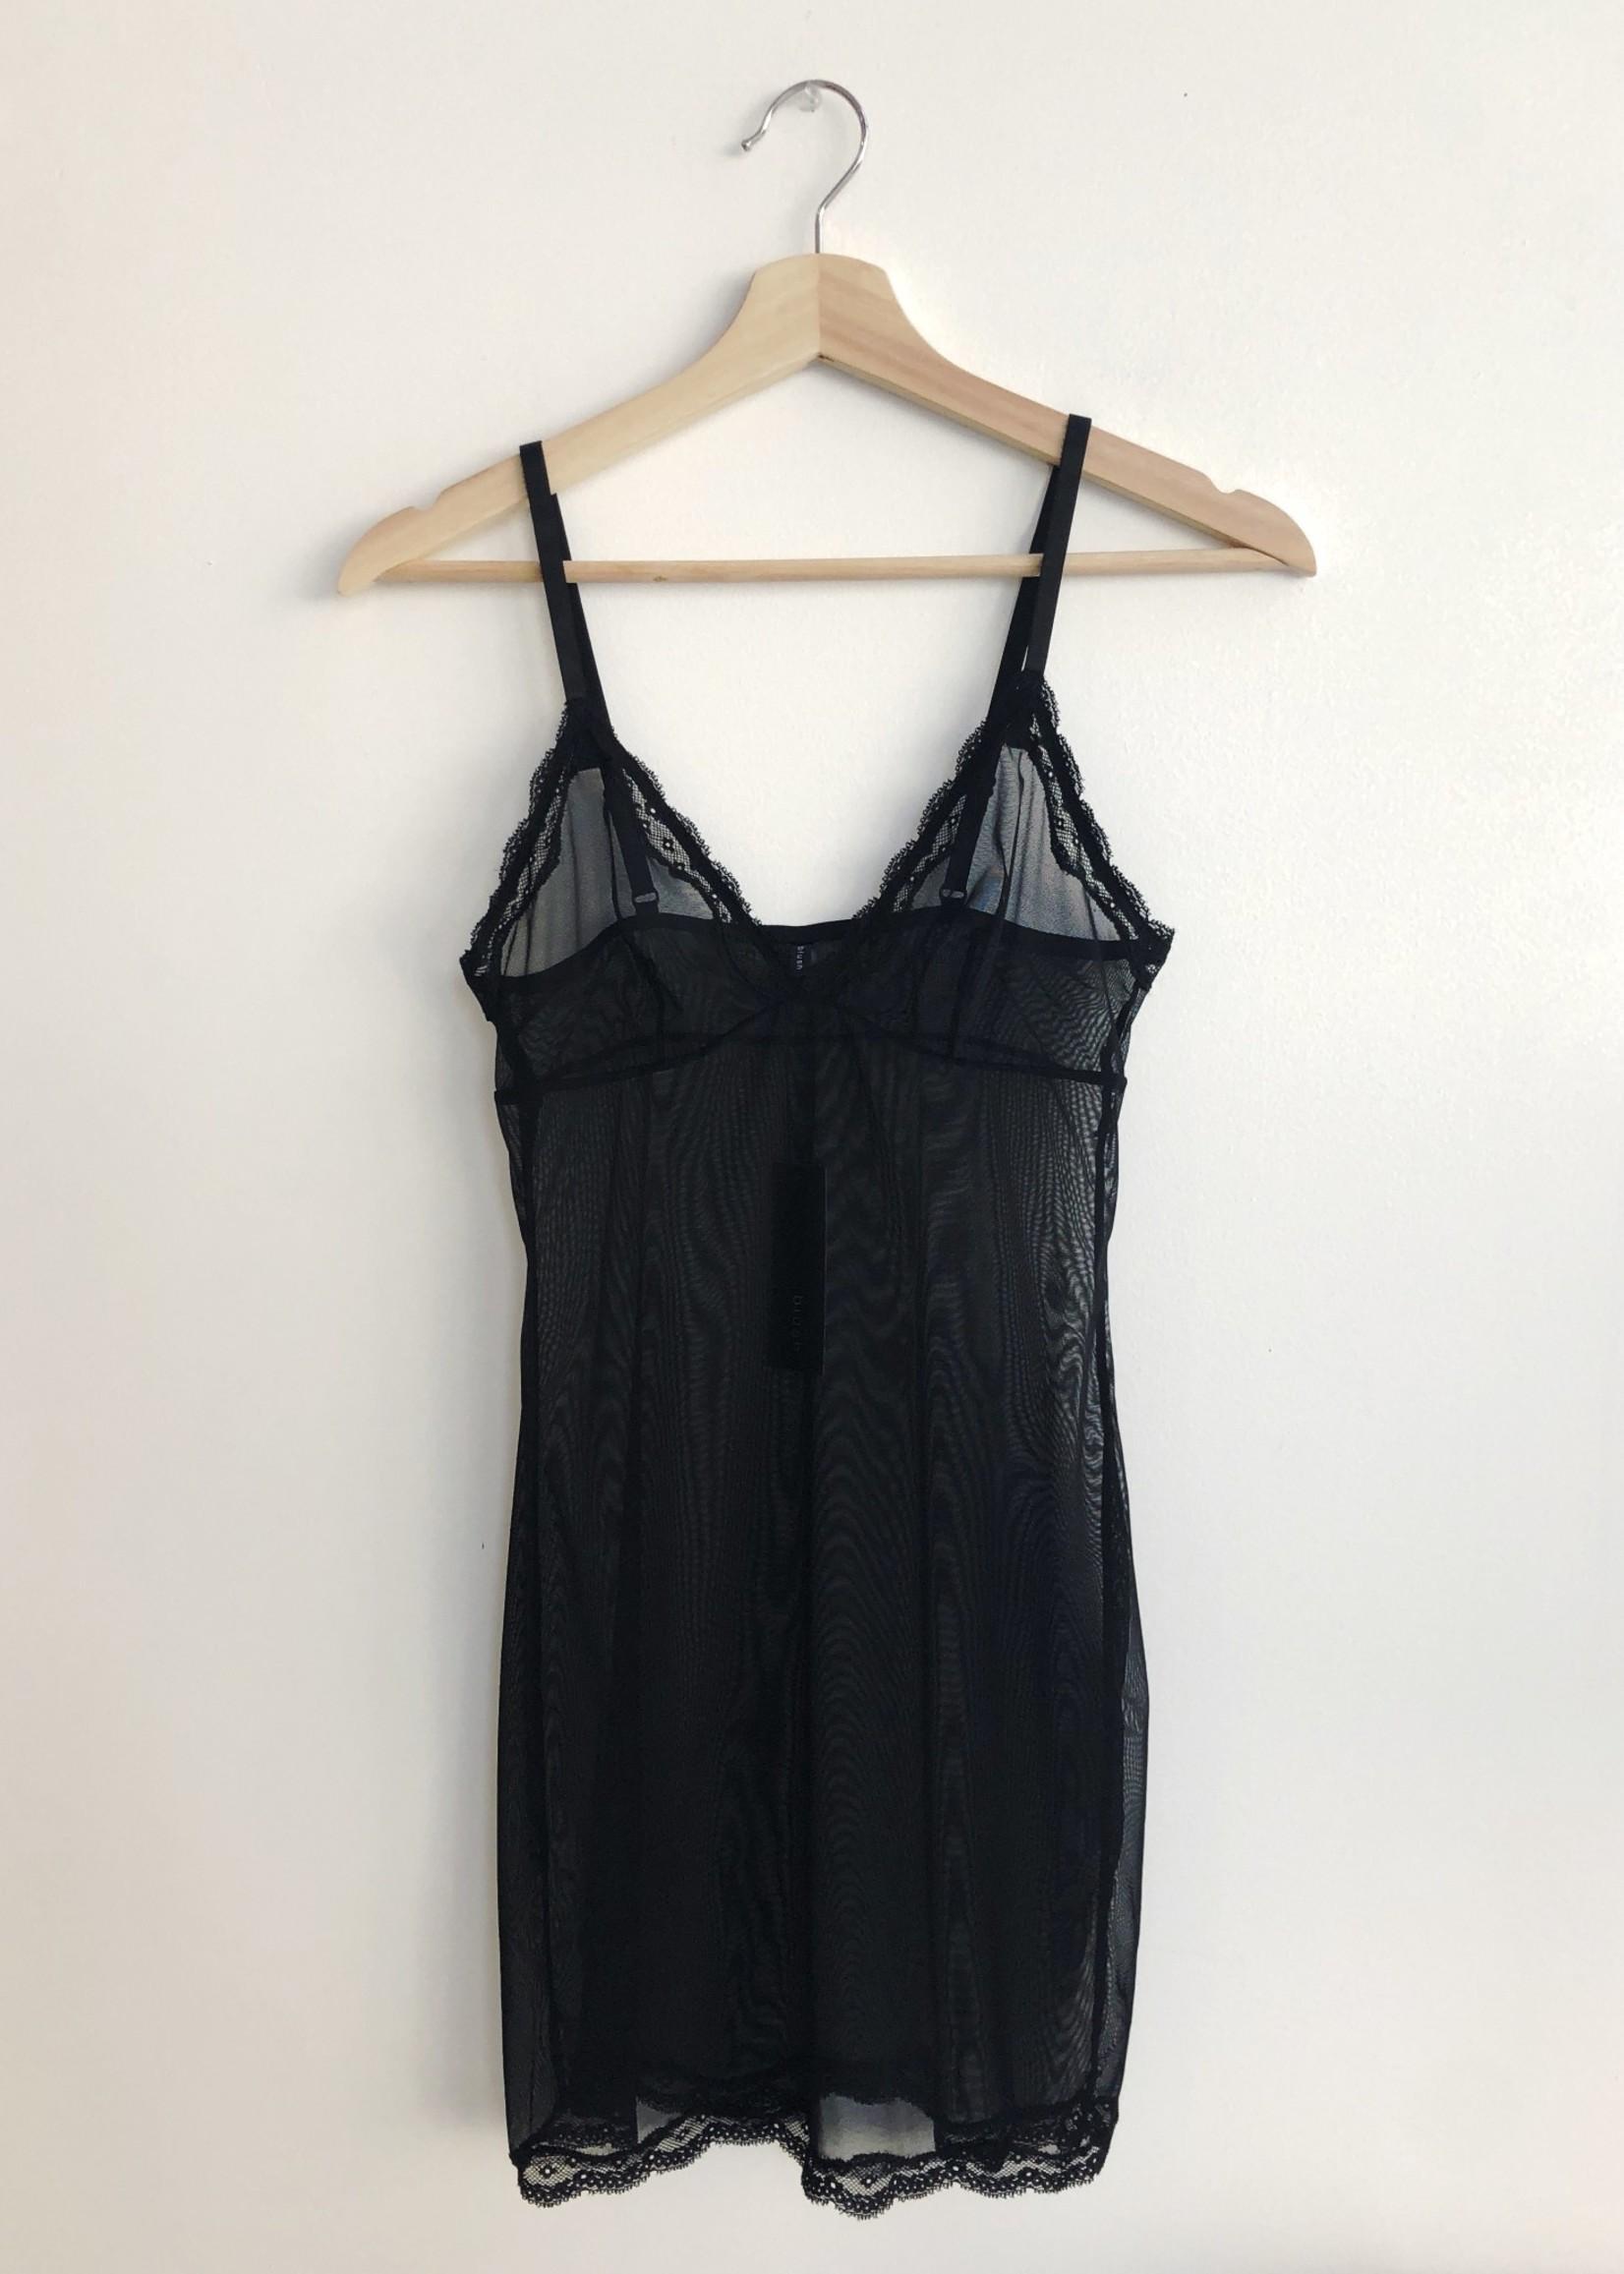 Blush Lingerie Lotus Slip Dress by Blush Lingerie